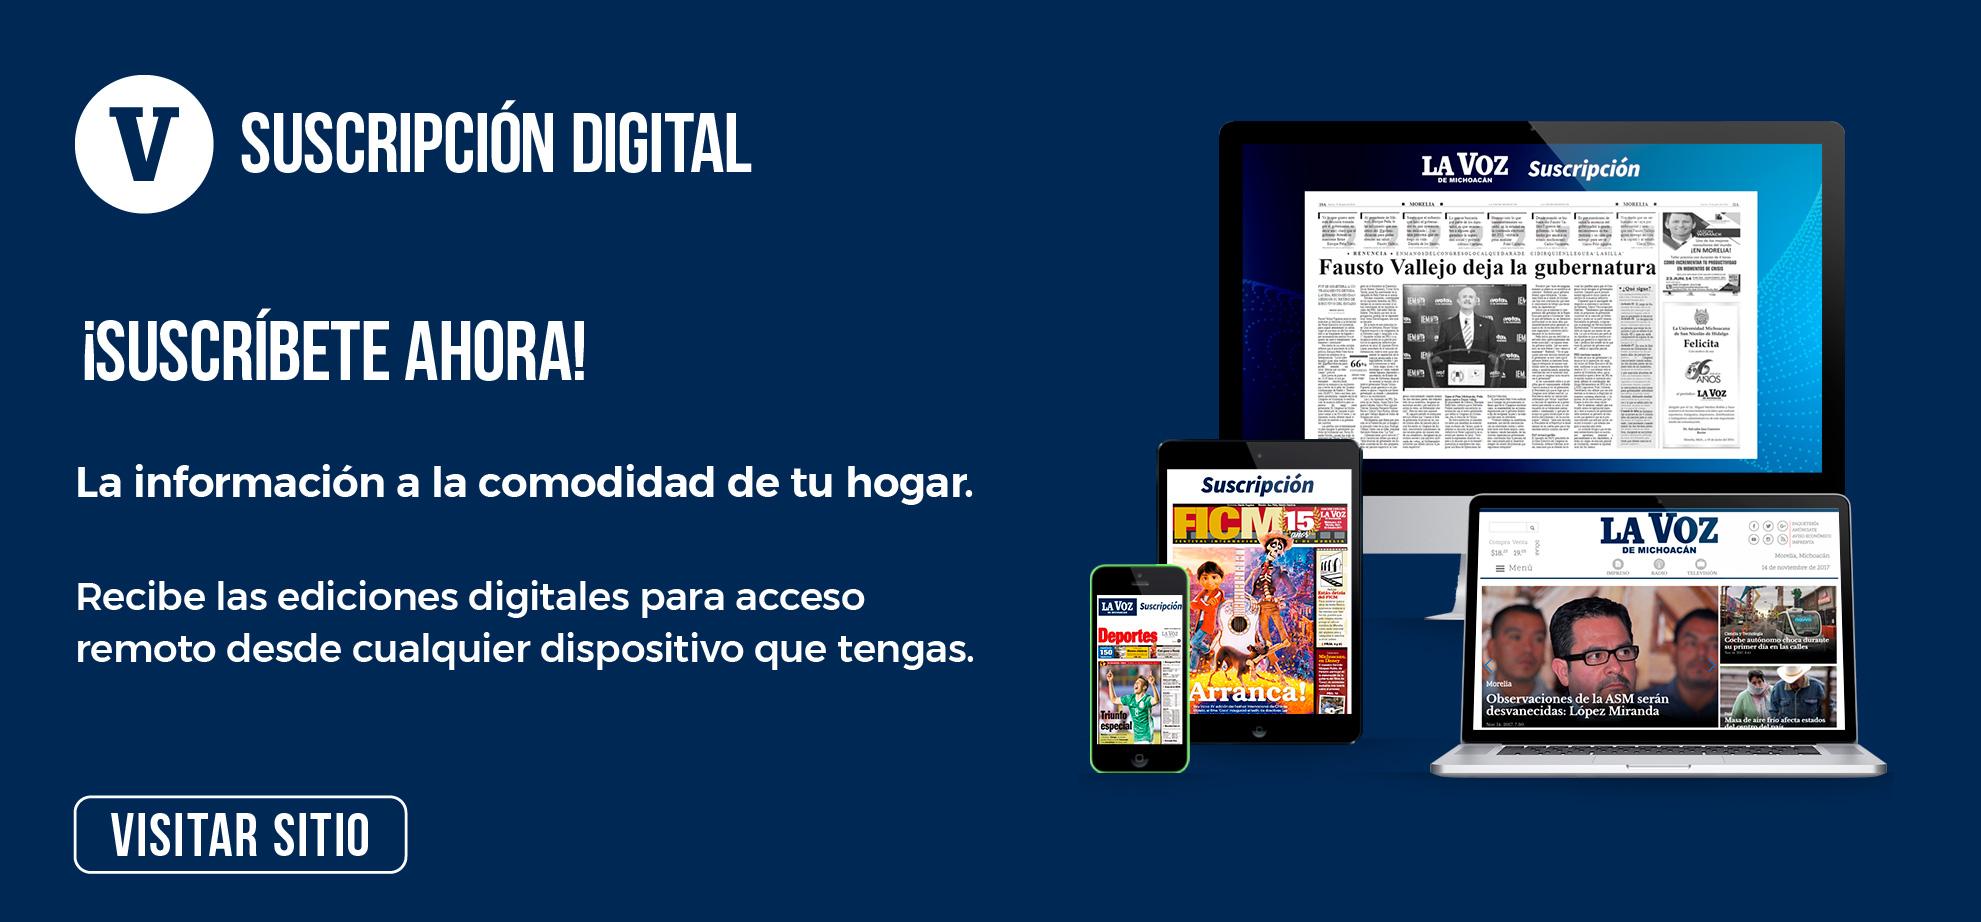 Suscripcin Digital